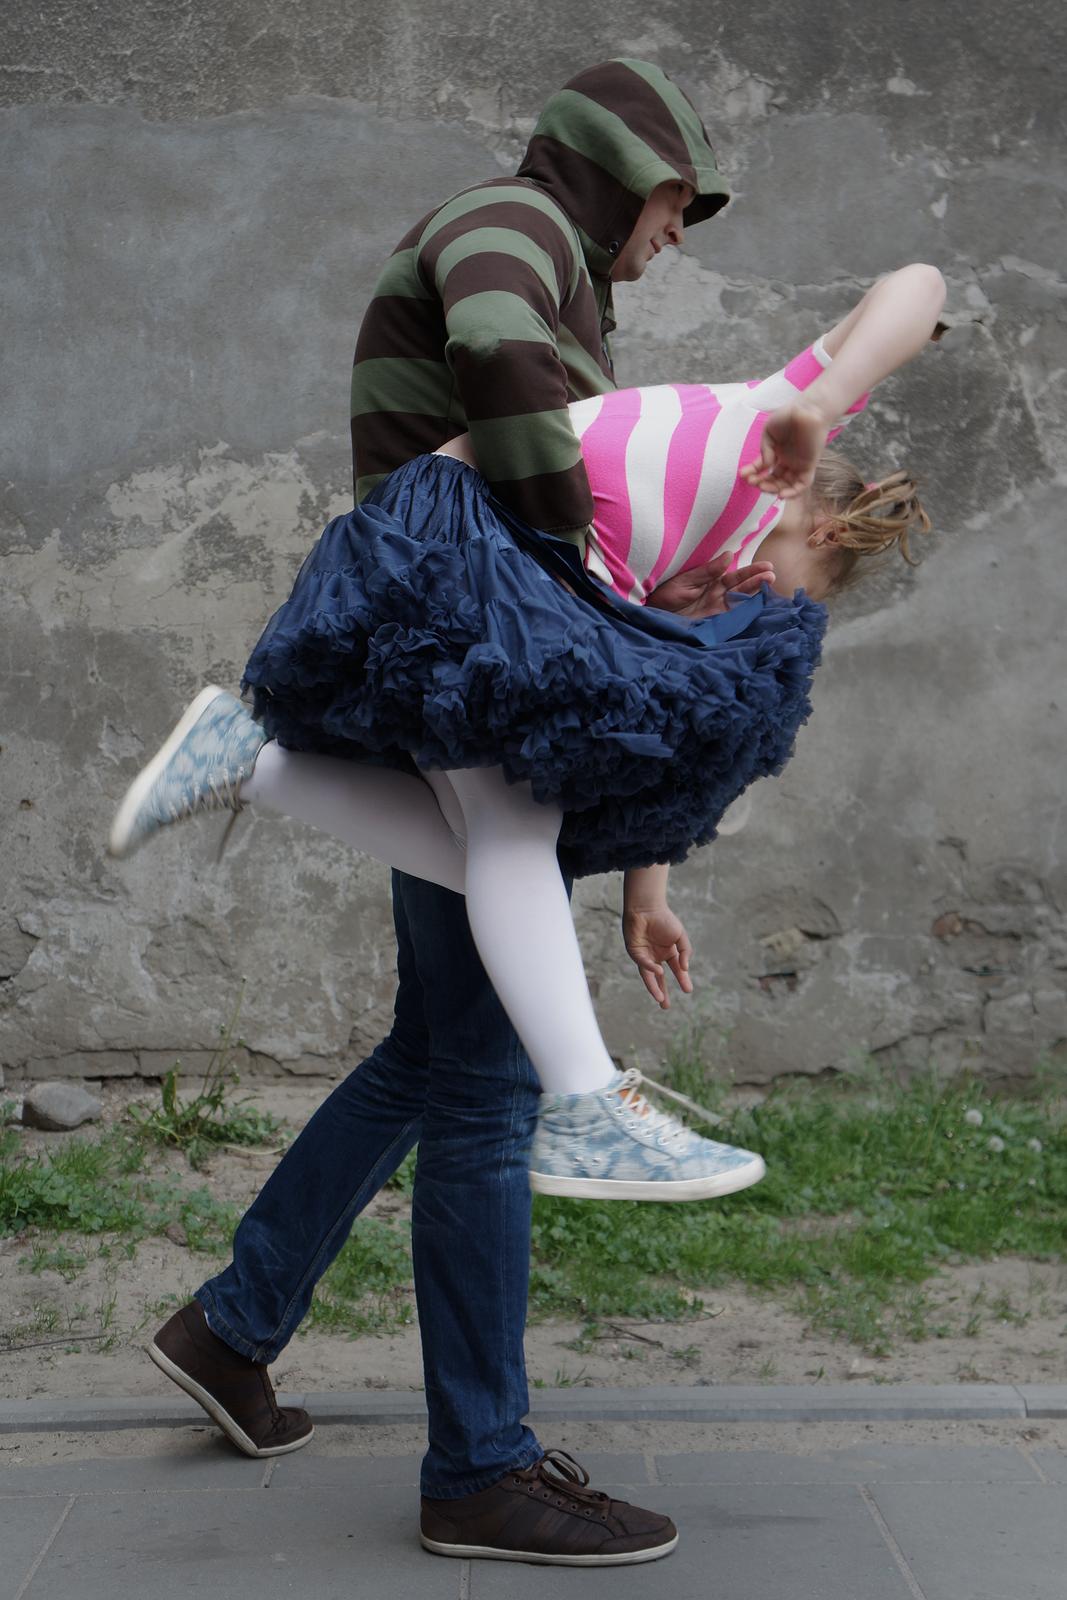 Zdjęcie przedstawia mężczyznę niosącego dziewczynkę. Mężczyzna ubrany wsweter zkapturem na głowie. Mężczyzna trzyma dziewczynkę prawą ręką na wysokości pasa. Zawieszona na wysokości pasa, głowa dziewczynki skierowana wprawą stronę zdjęcia, nogi po lewej stronie. Dziewczynka próbuje się wyrwać, wymachuje rękami inogami. Mężczyzna idzie wprawą stronę.